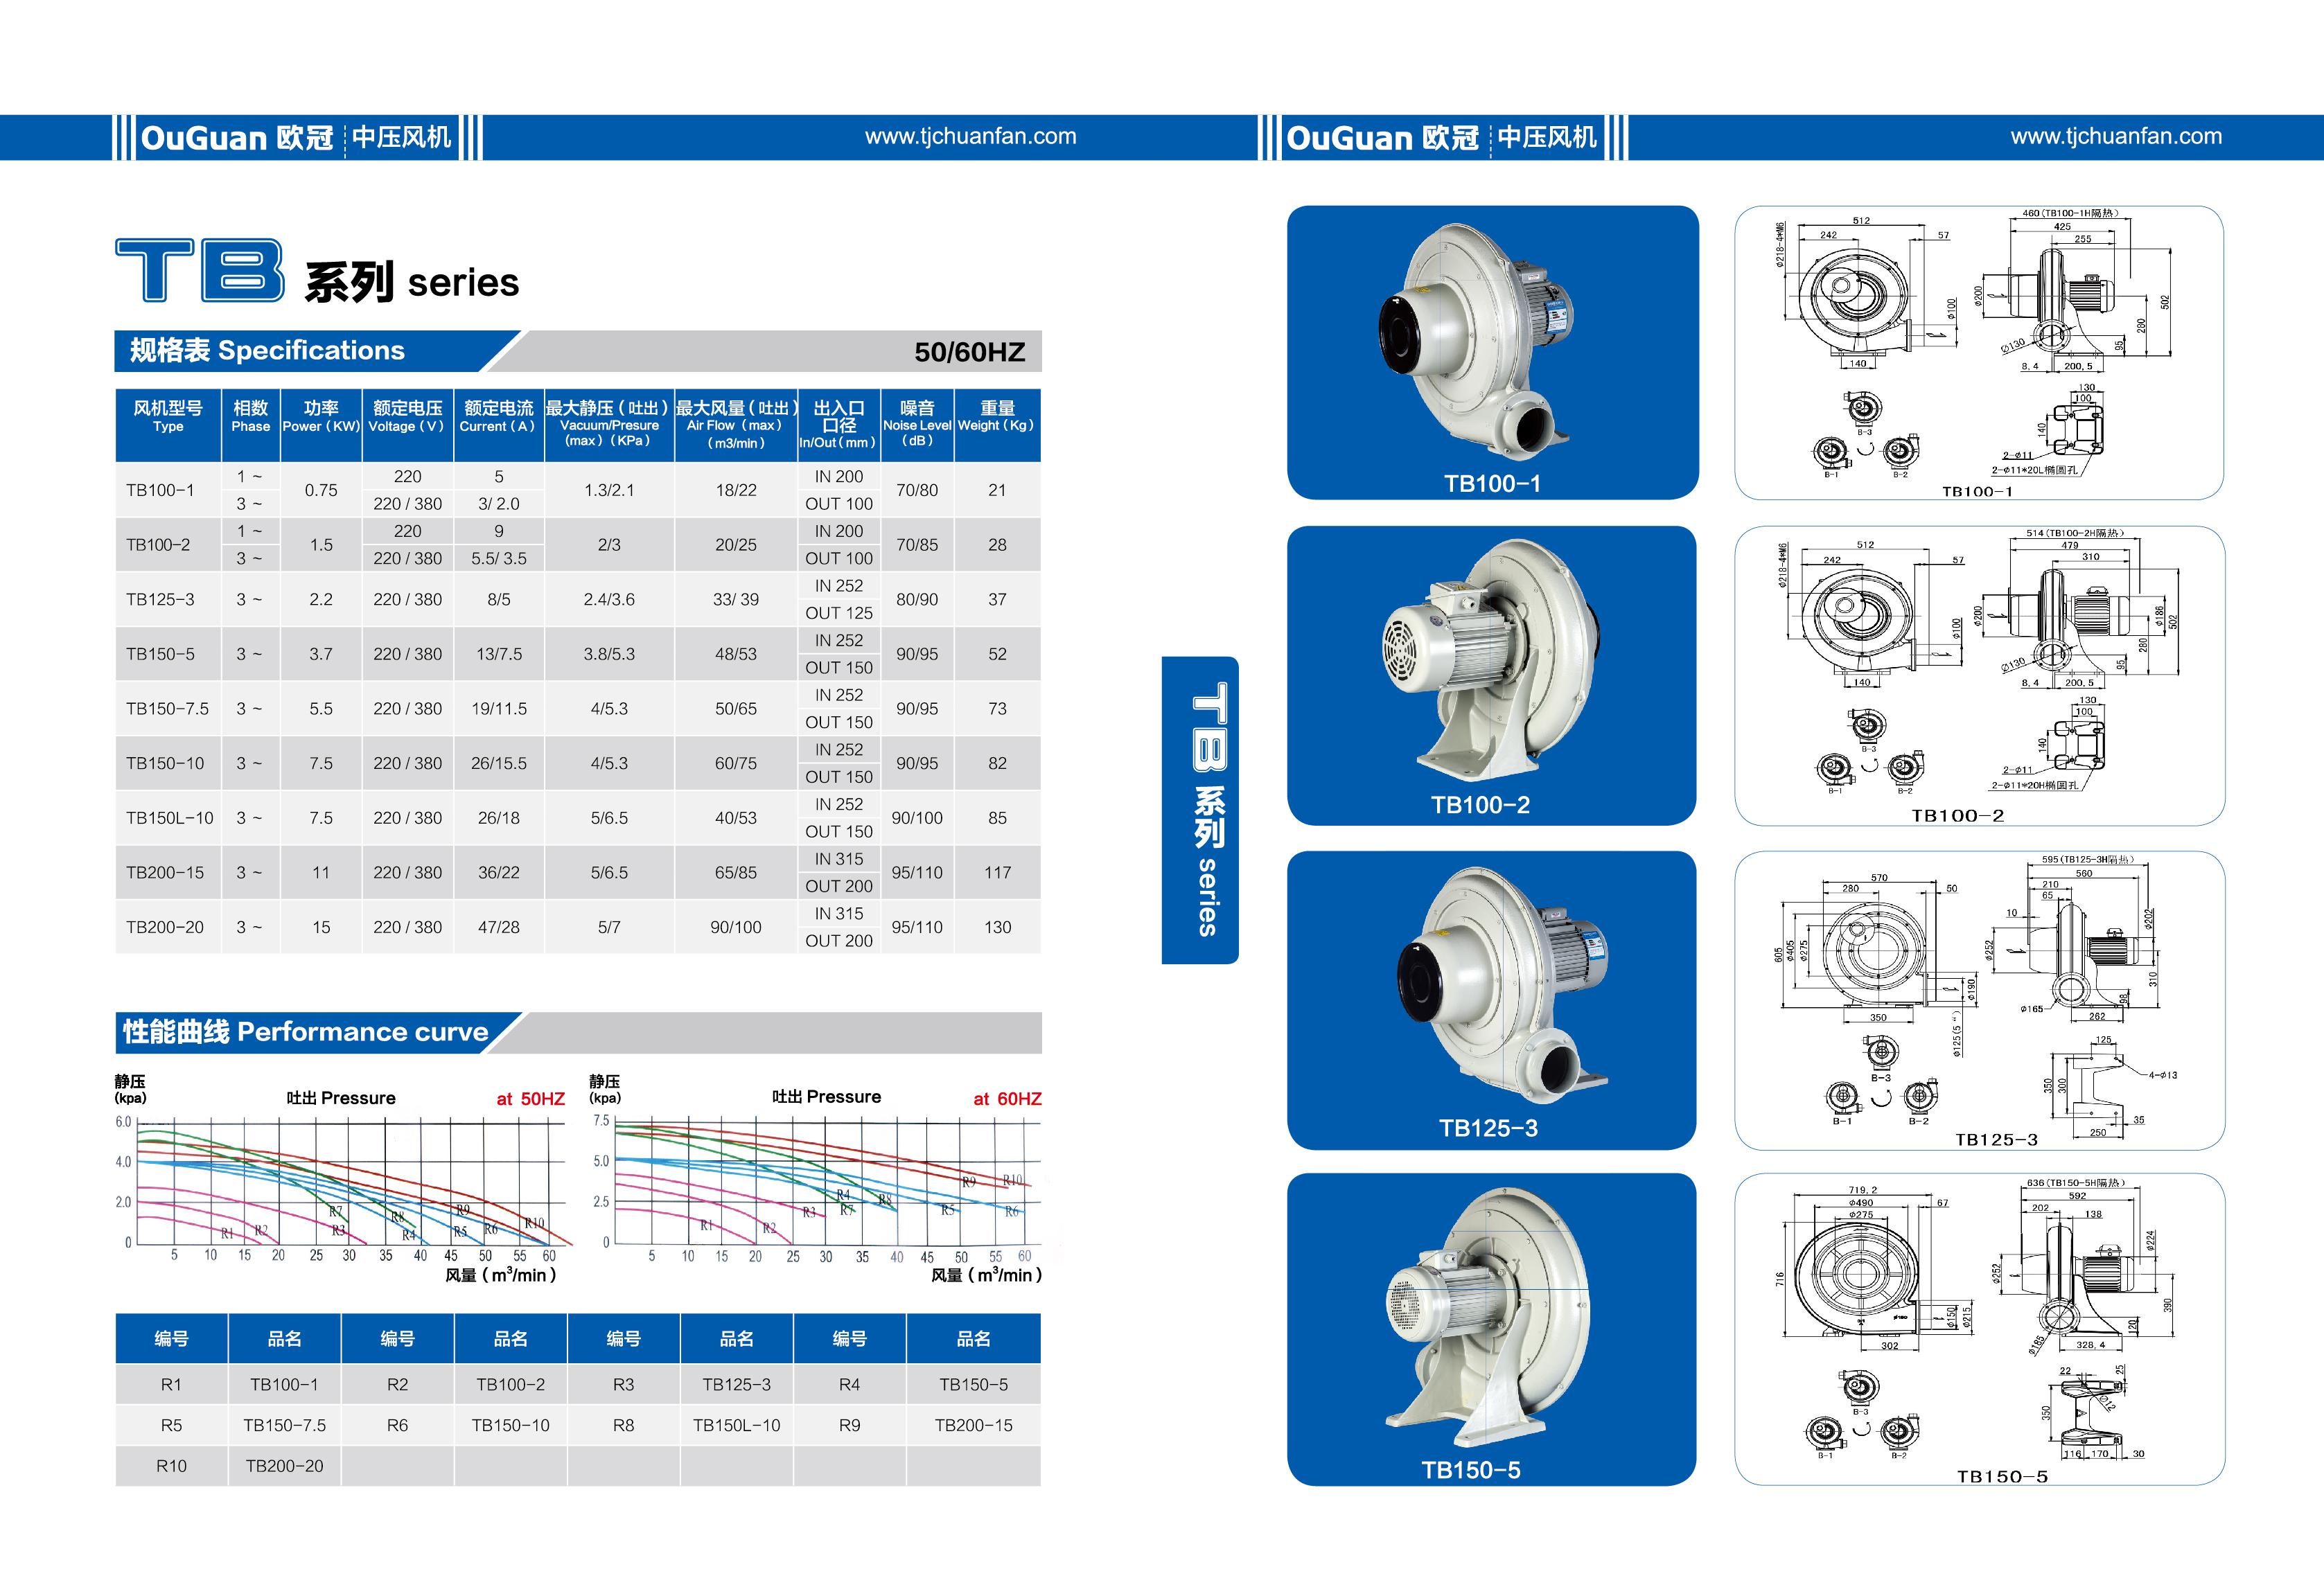 高压鼓风机 旋涡风机 高压气泵LD002H43R 12(0.2Kw 高压鼓风机价格 高压鼓风机批发